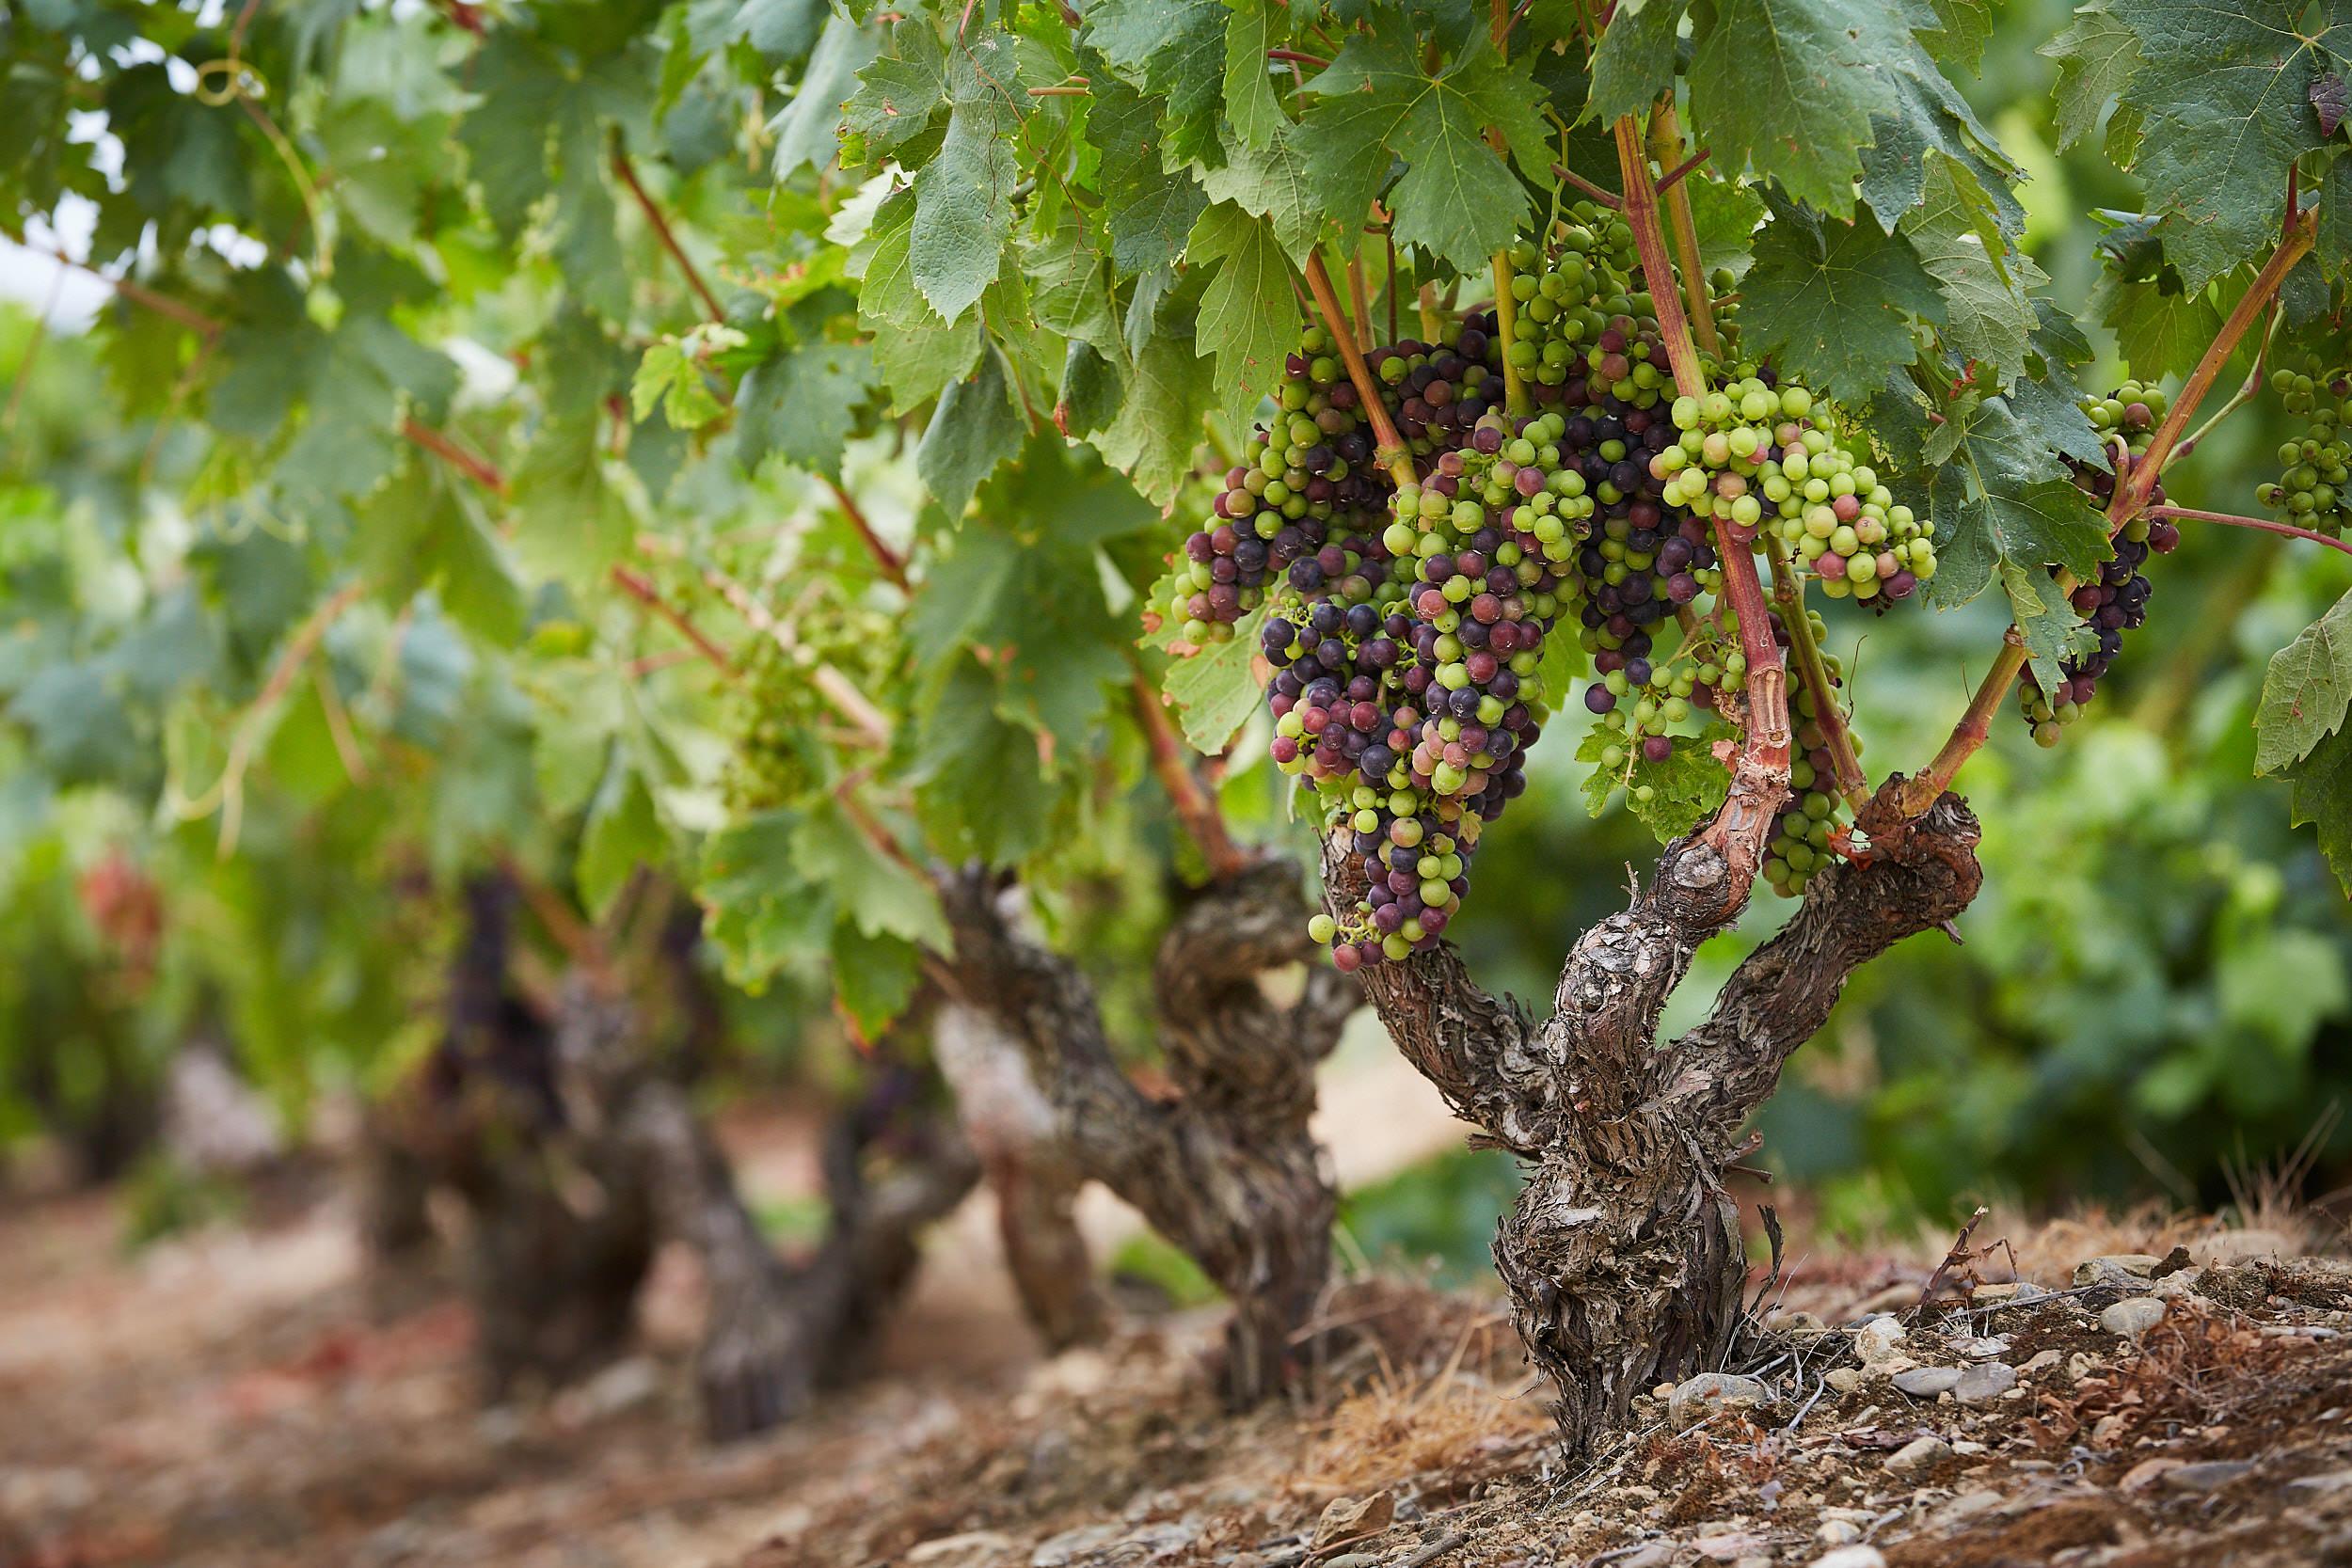 14/8/18 Envero en Ollauri, La Rioja, Spain. Photo de James Sturcke | sturcke.org